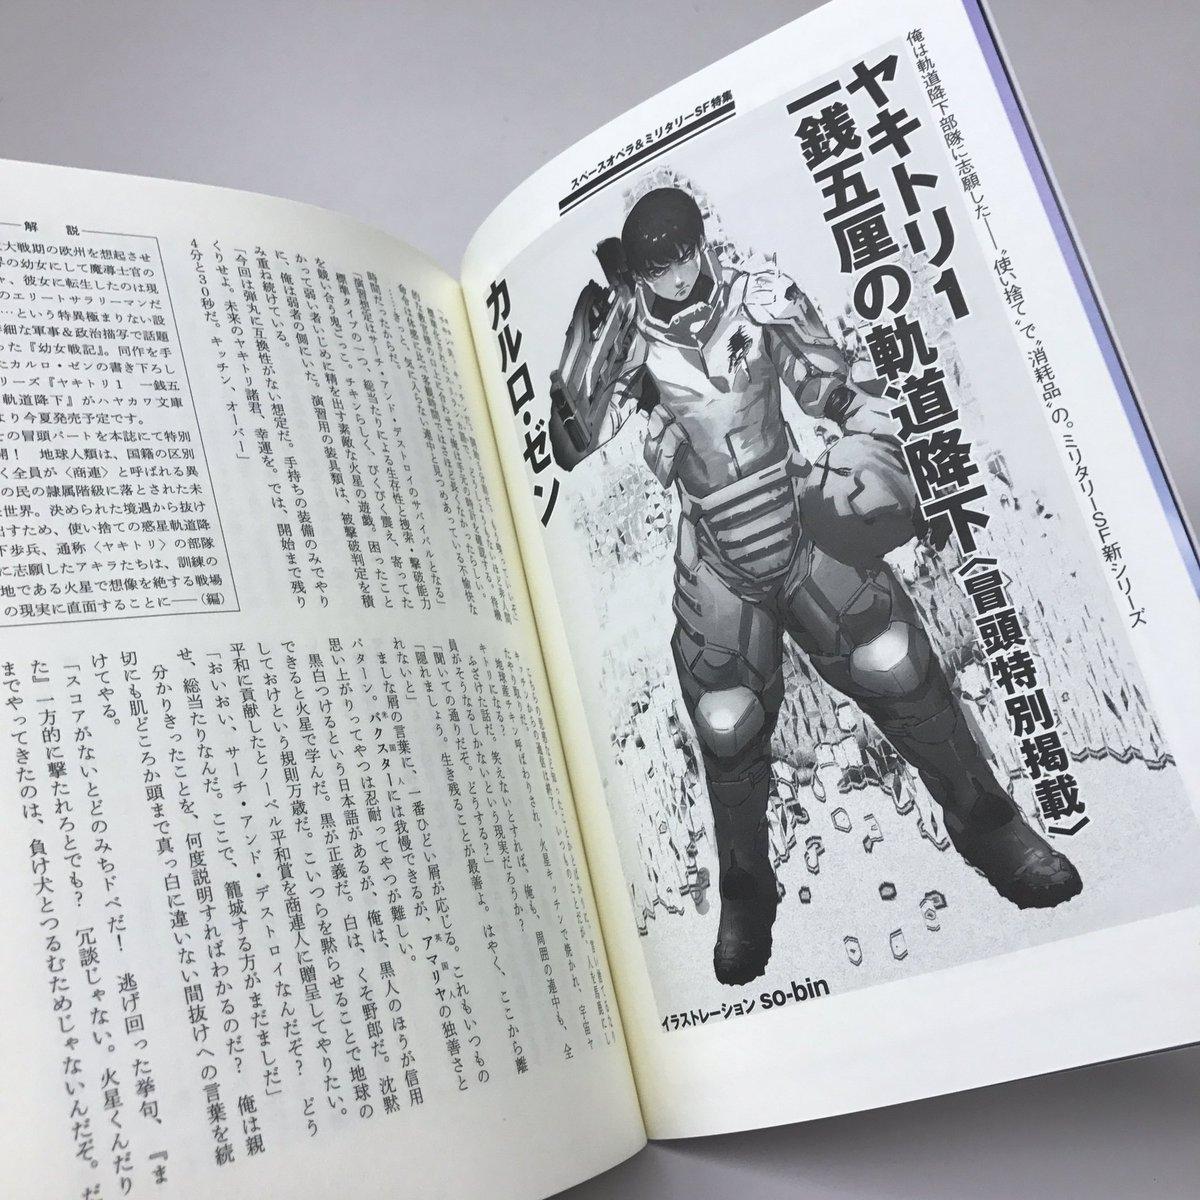 発売中のSFマガジンに、この夏よりスタートの新しいミリタリSFシリーズ『ヤキトリ』の冒頭が特別掲載されています。『幼女戦